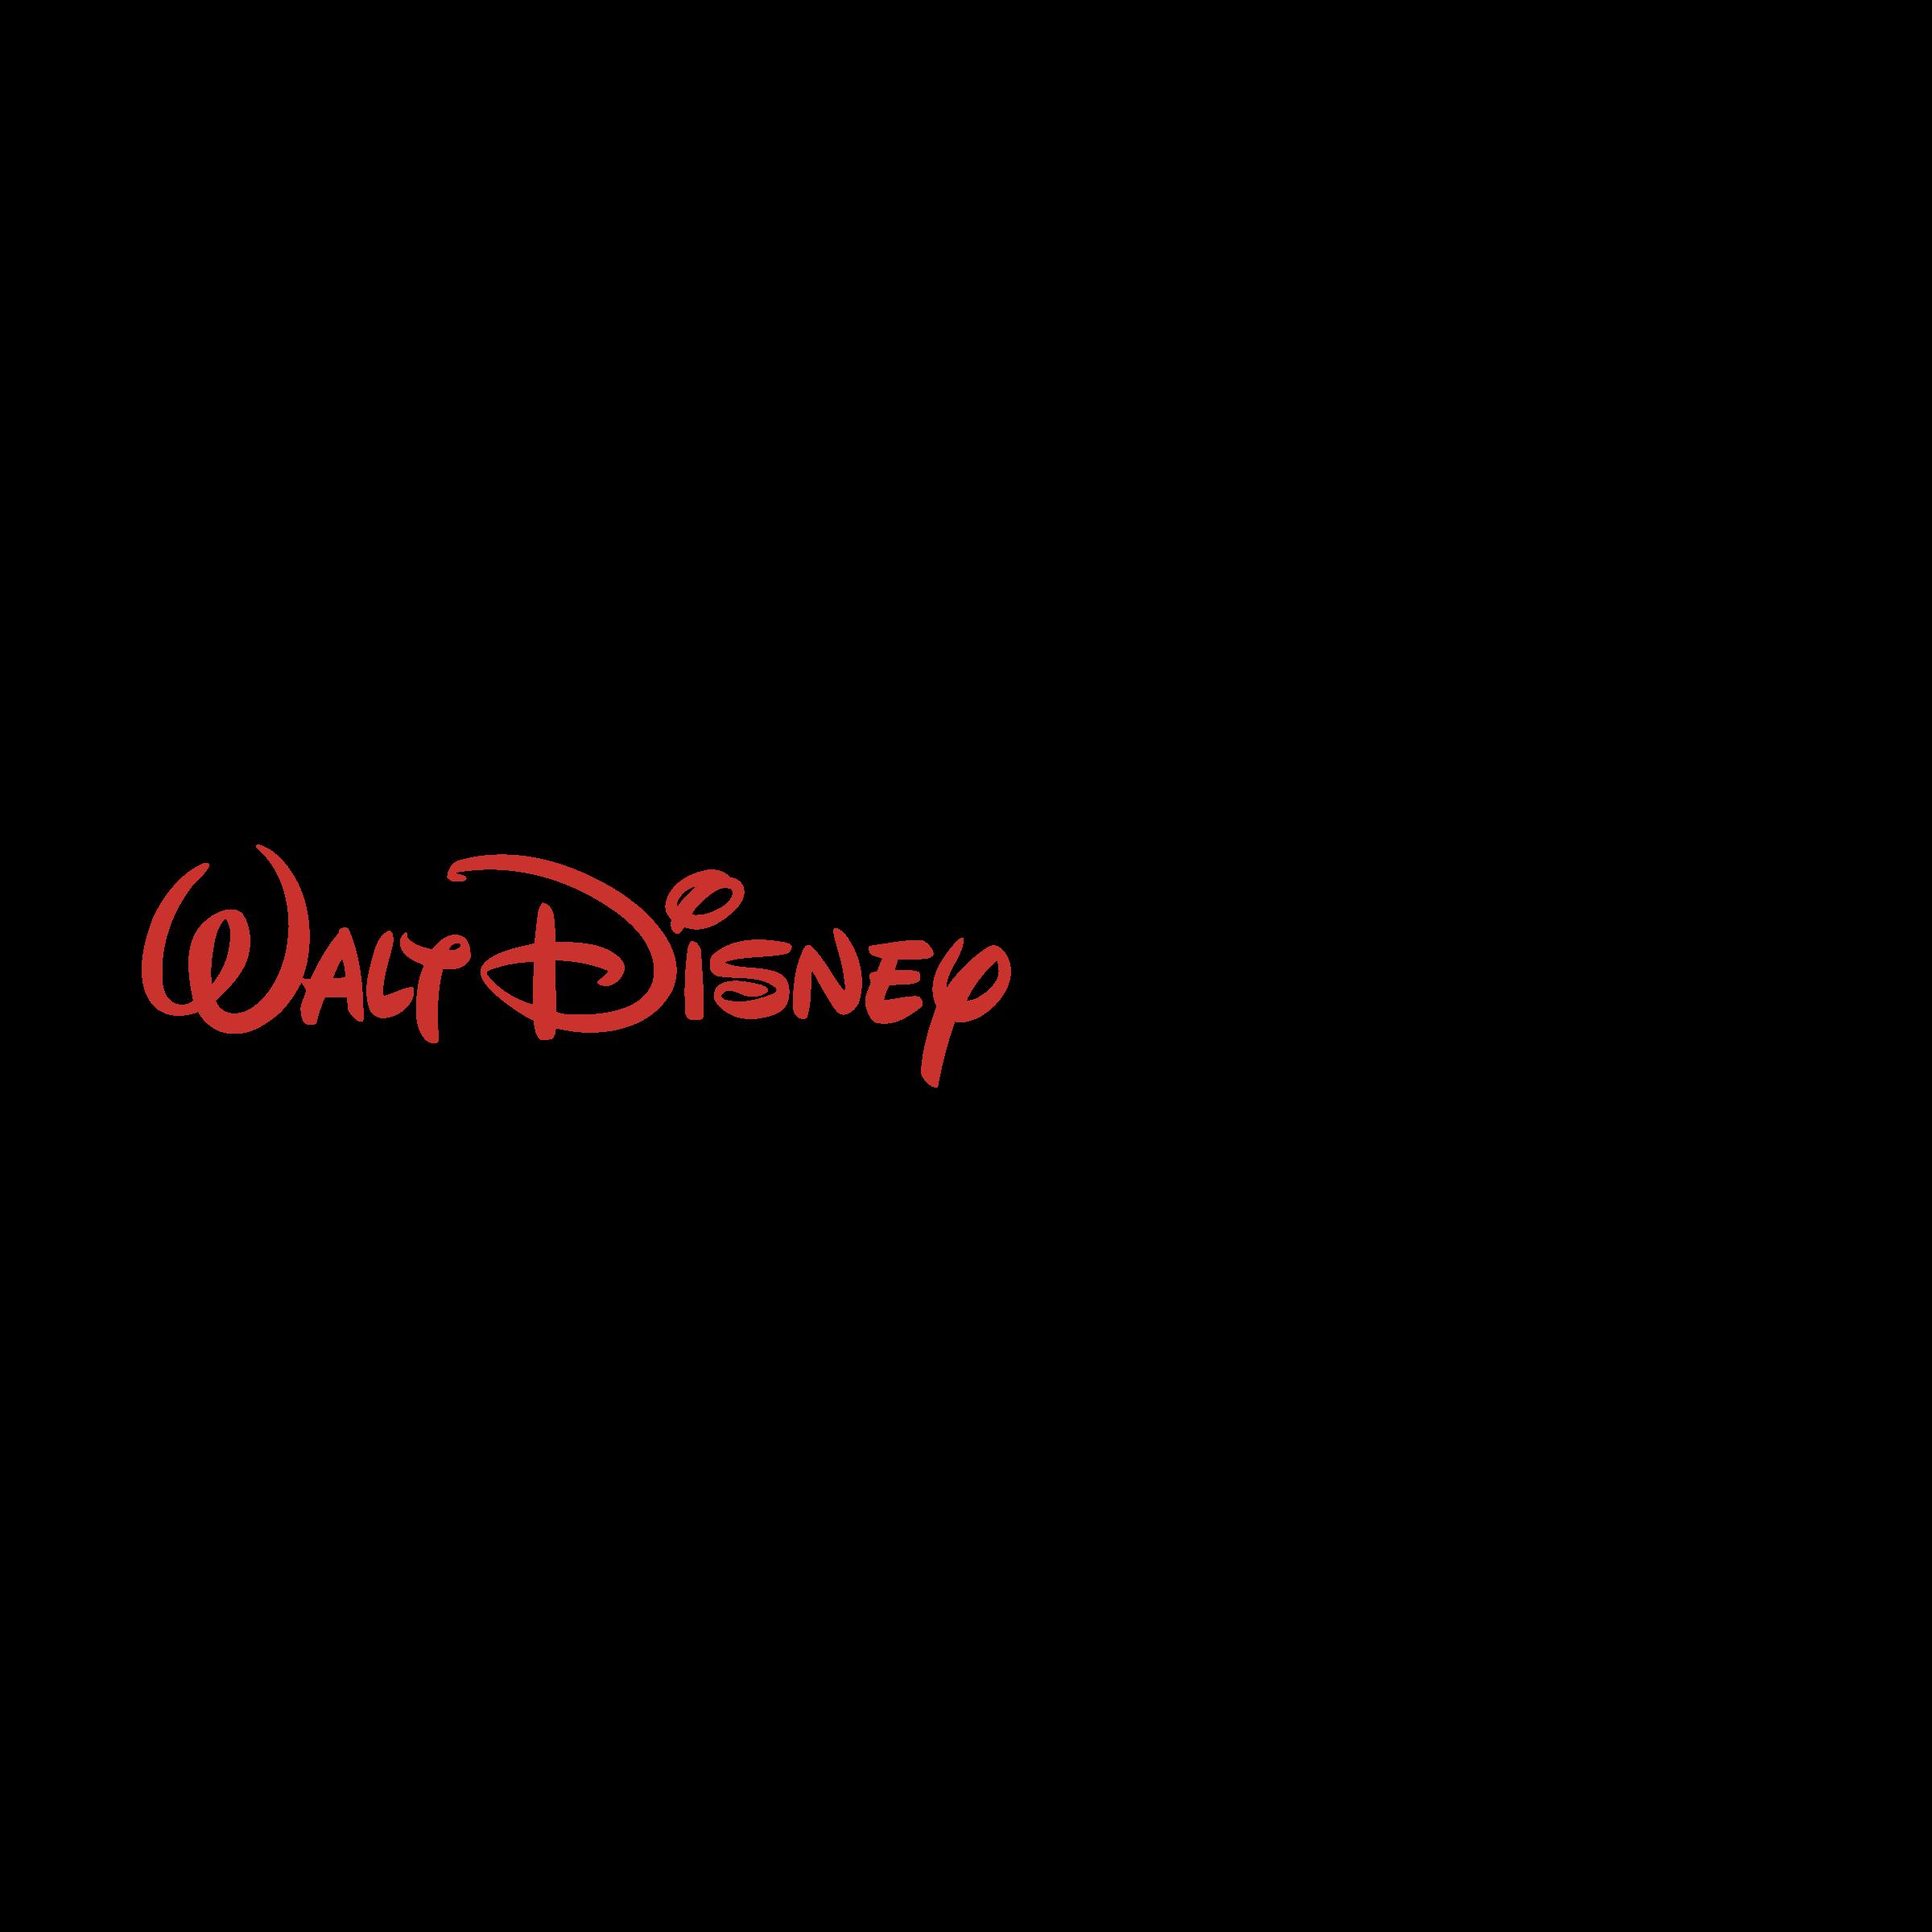 walt disney world resort logo png transparent amp svg vector